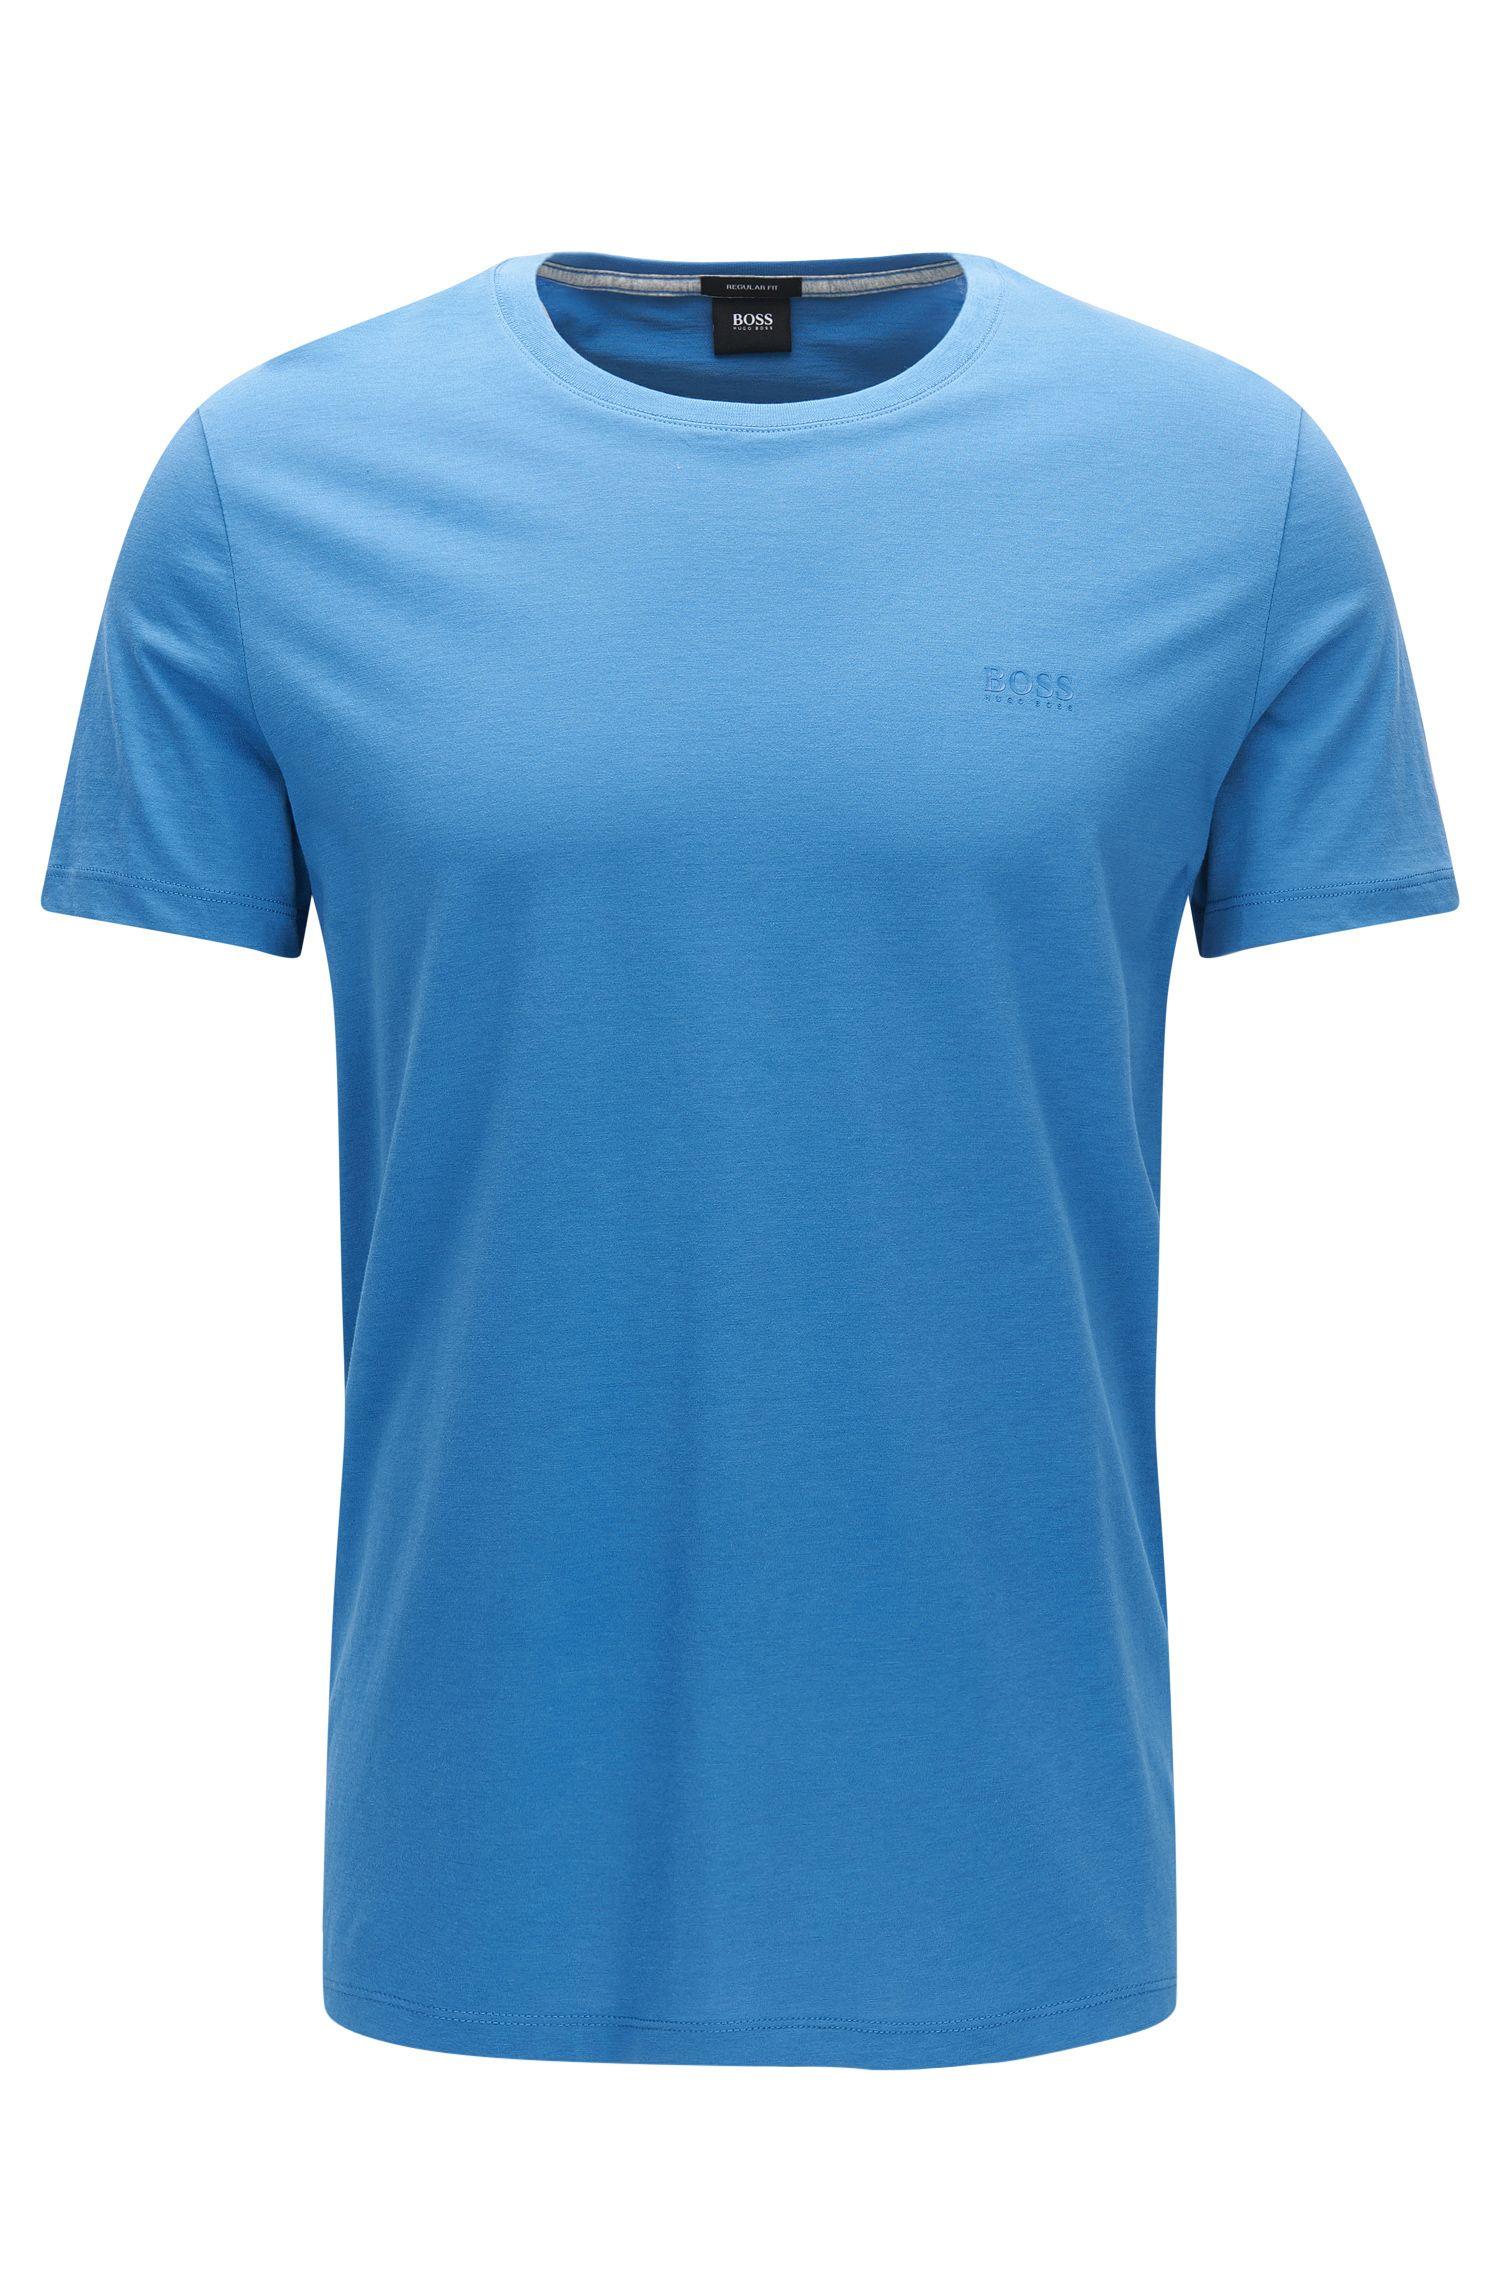 Regular-Fit T-Shirt aus weicher Baumwolle